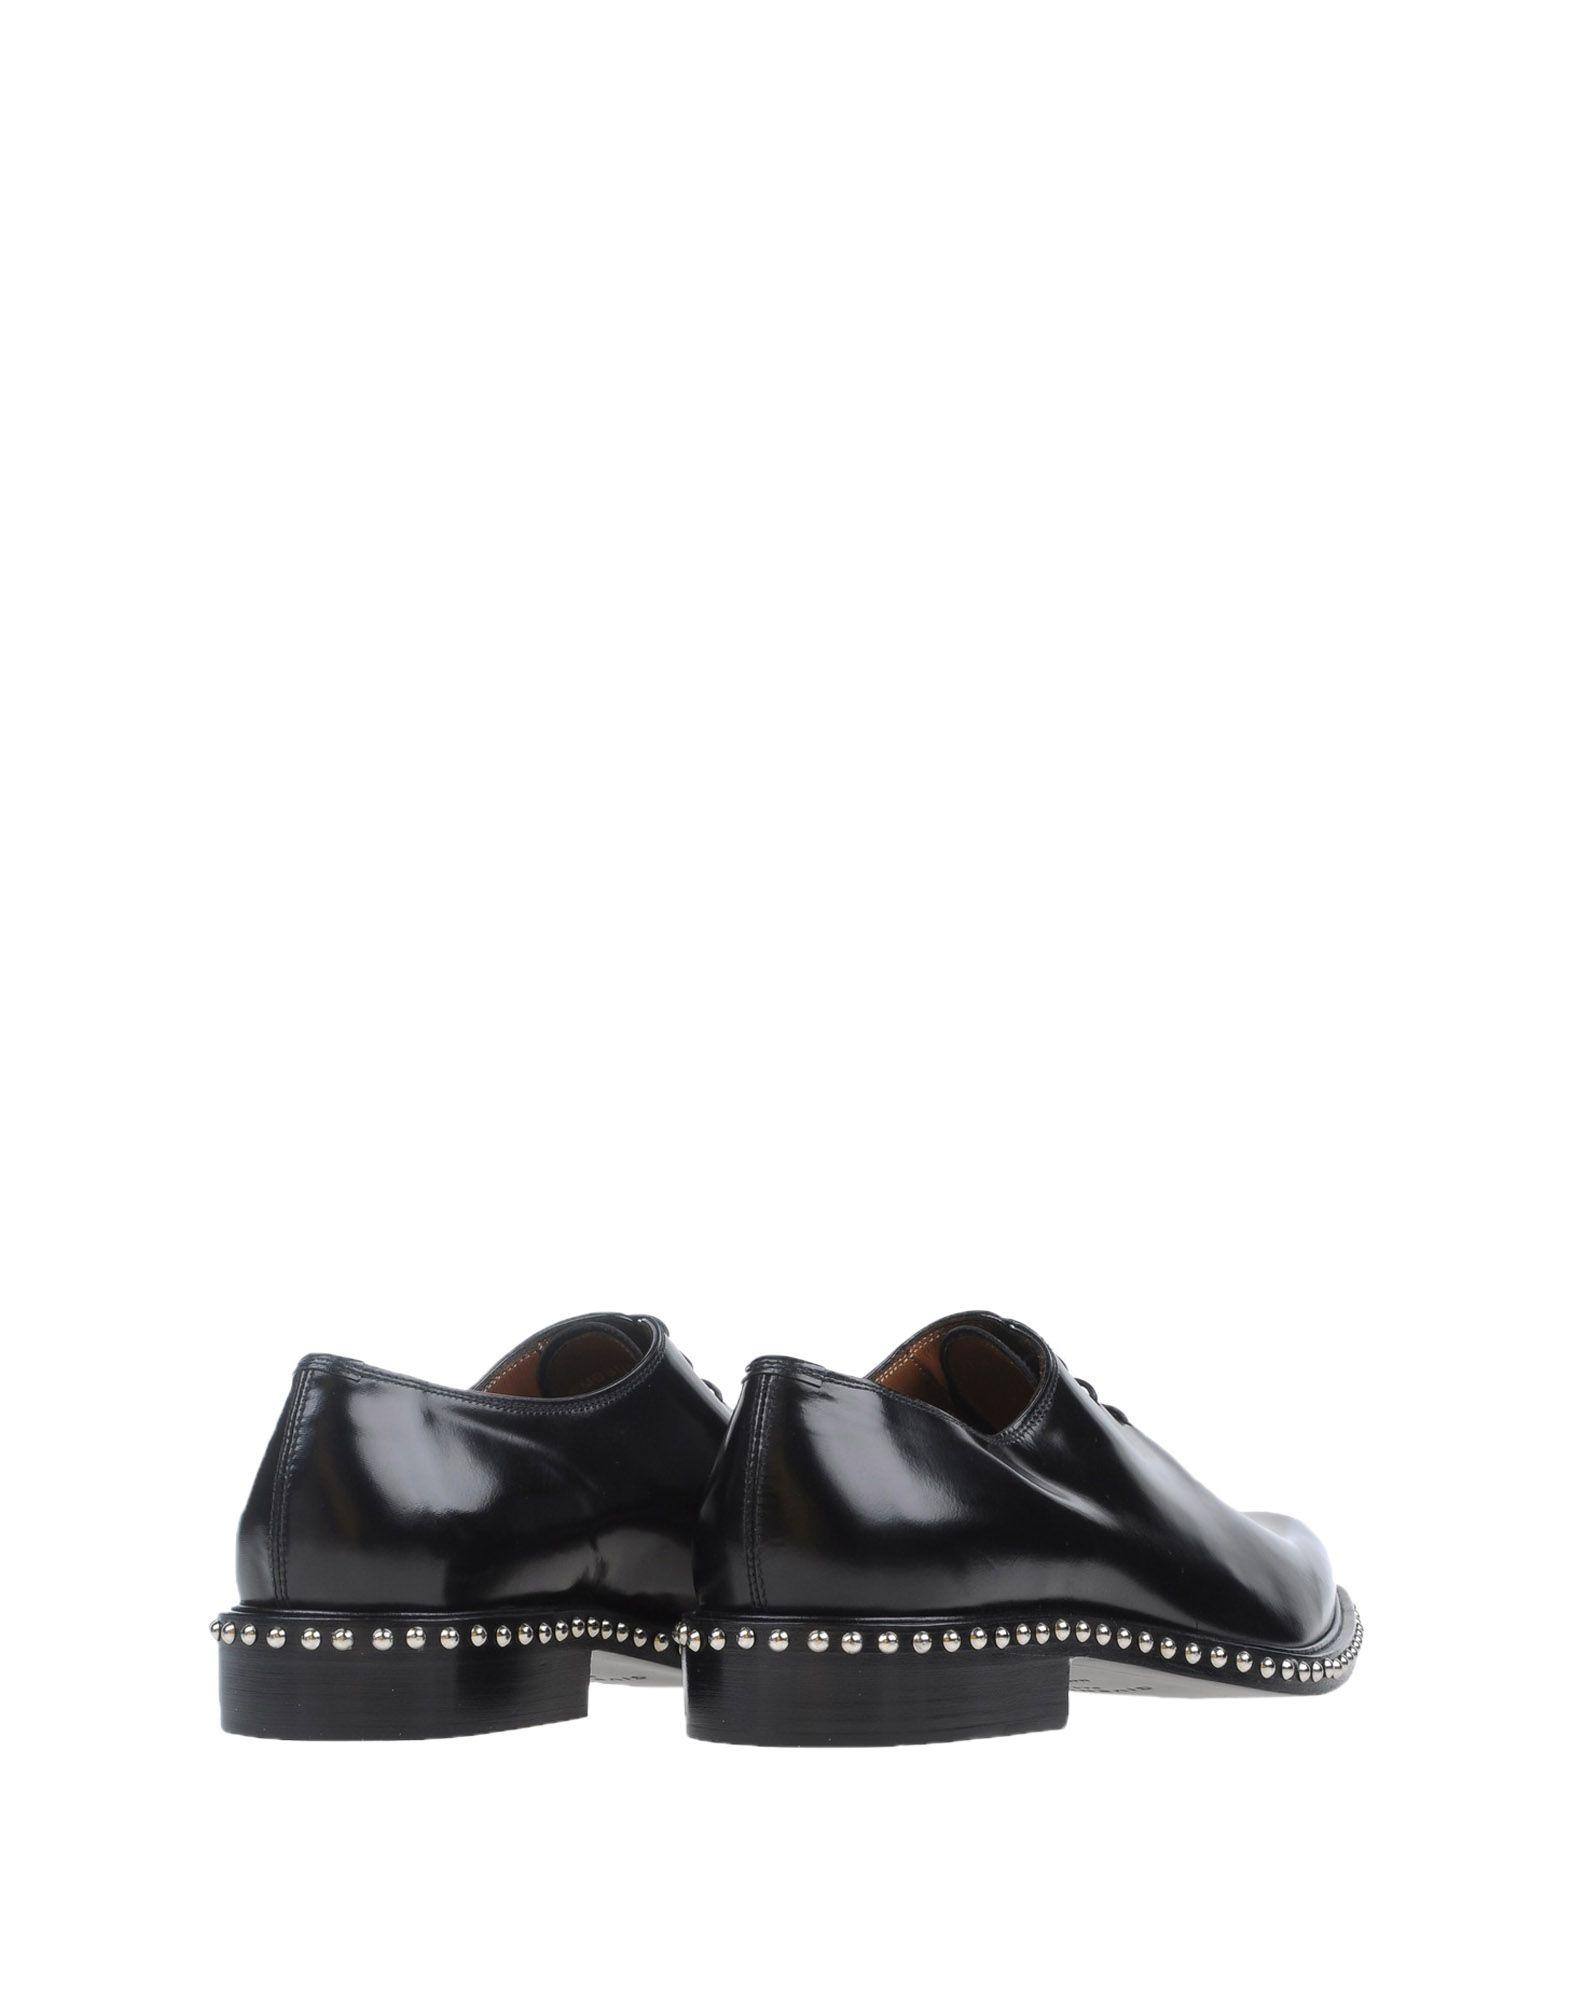 Givenchy Schnürschuhe Herren  44938972LT Gute Qualität beliebte Schuhe